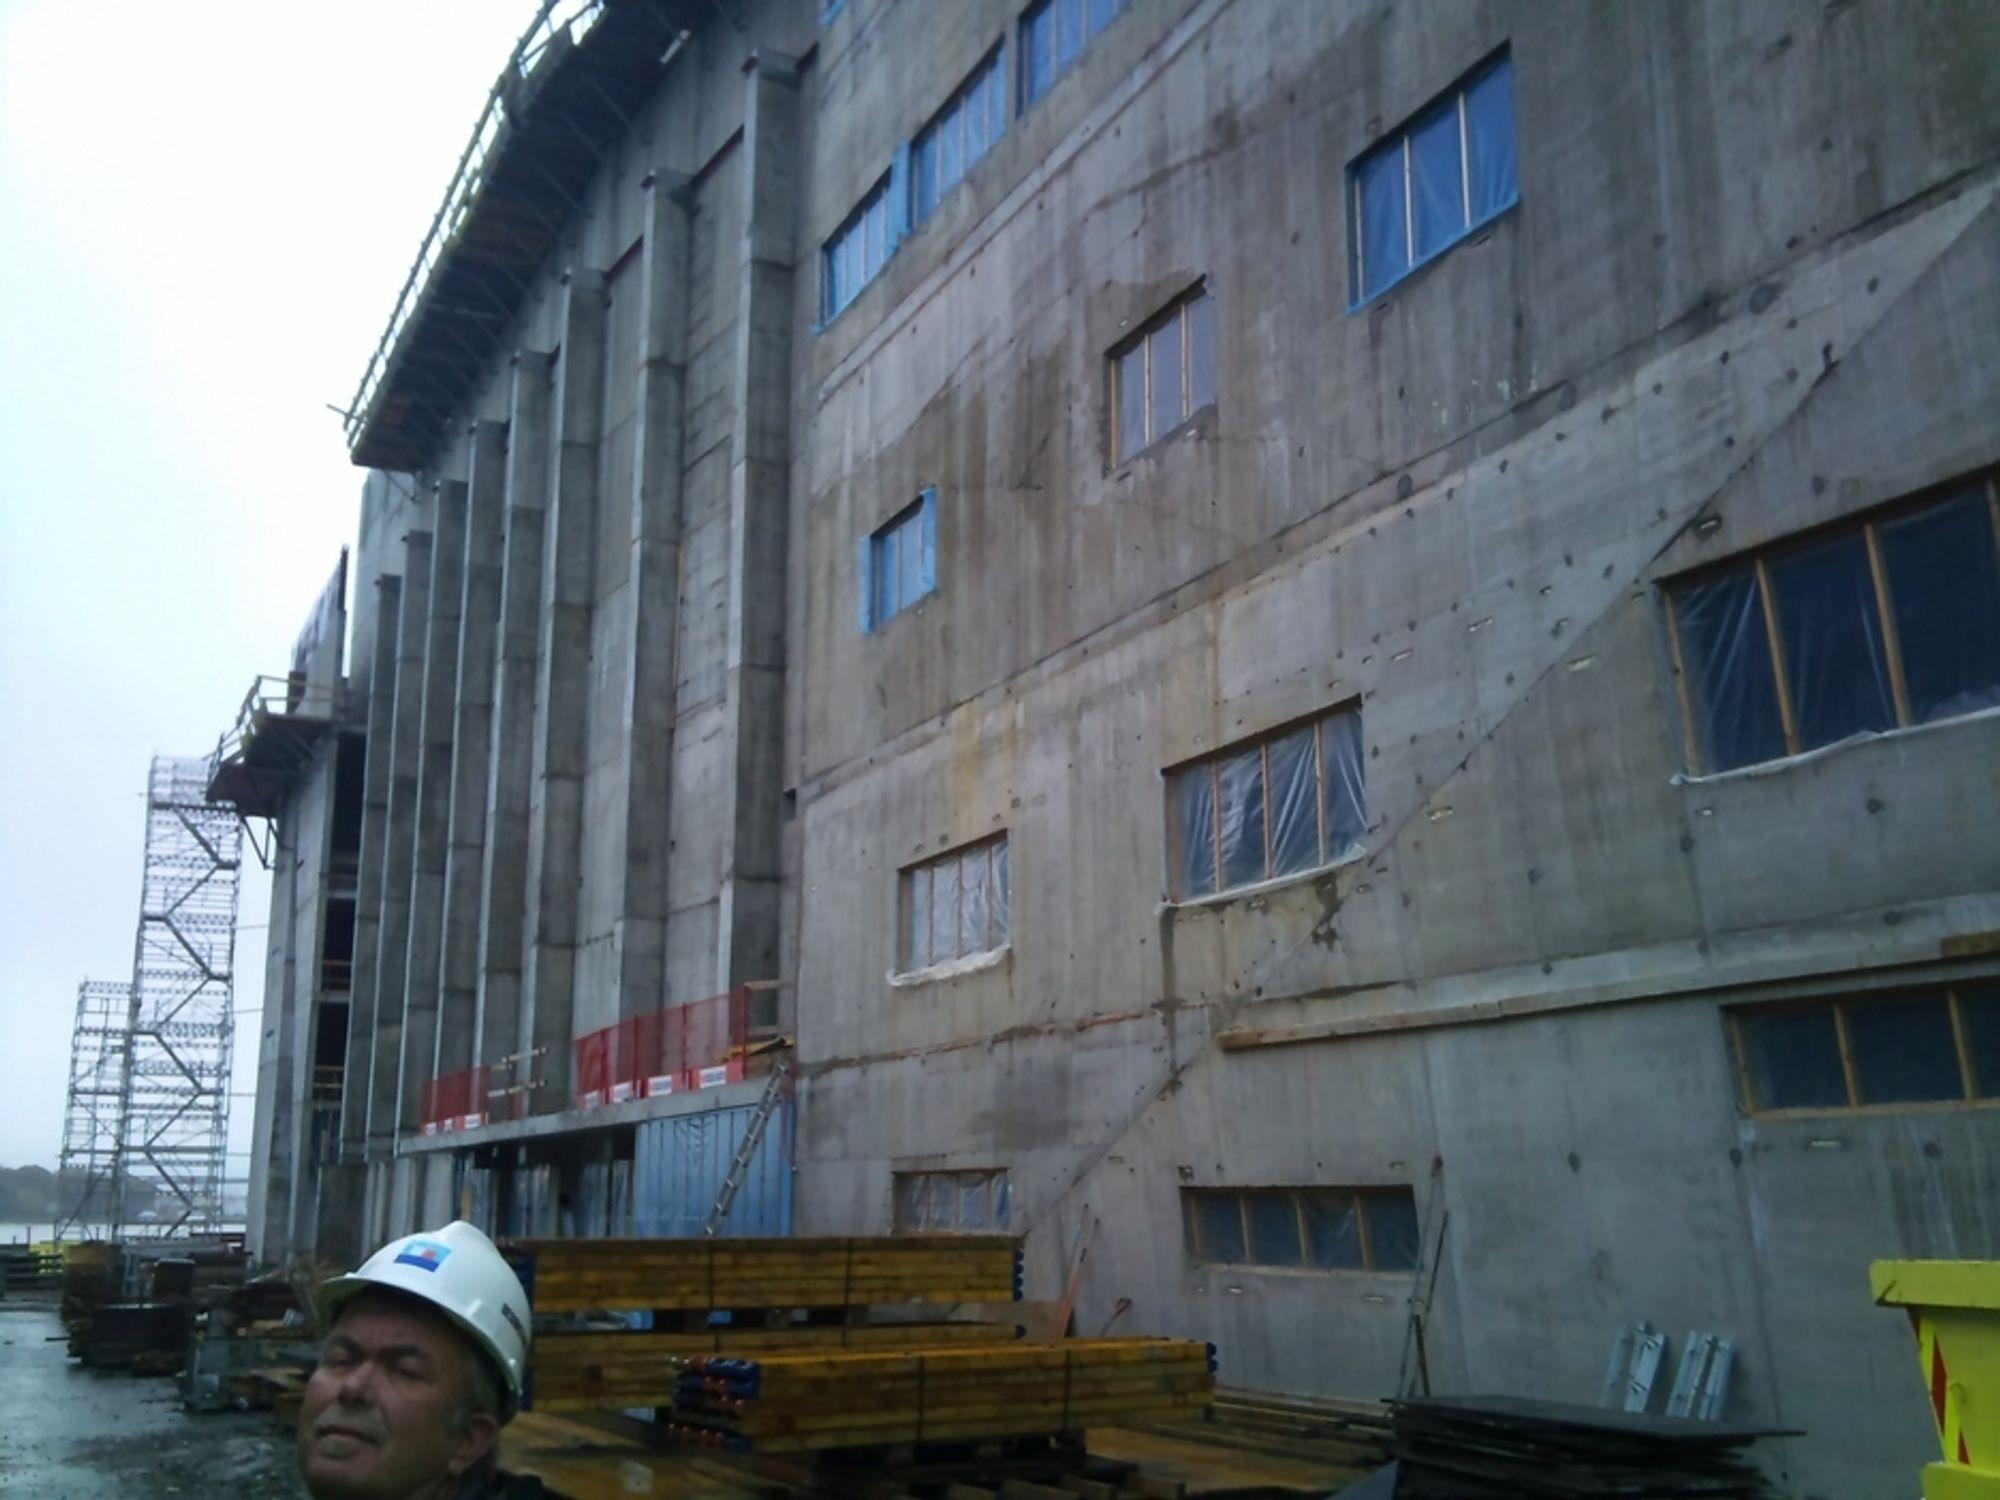 SNART RØDT: Råbygget til det nye konserthuset i Stavanger begynner å ta form. Når denne veggen er ferdig blir den knall rød, delvis kledd med plater i glassbetong.